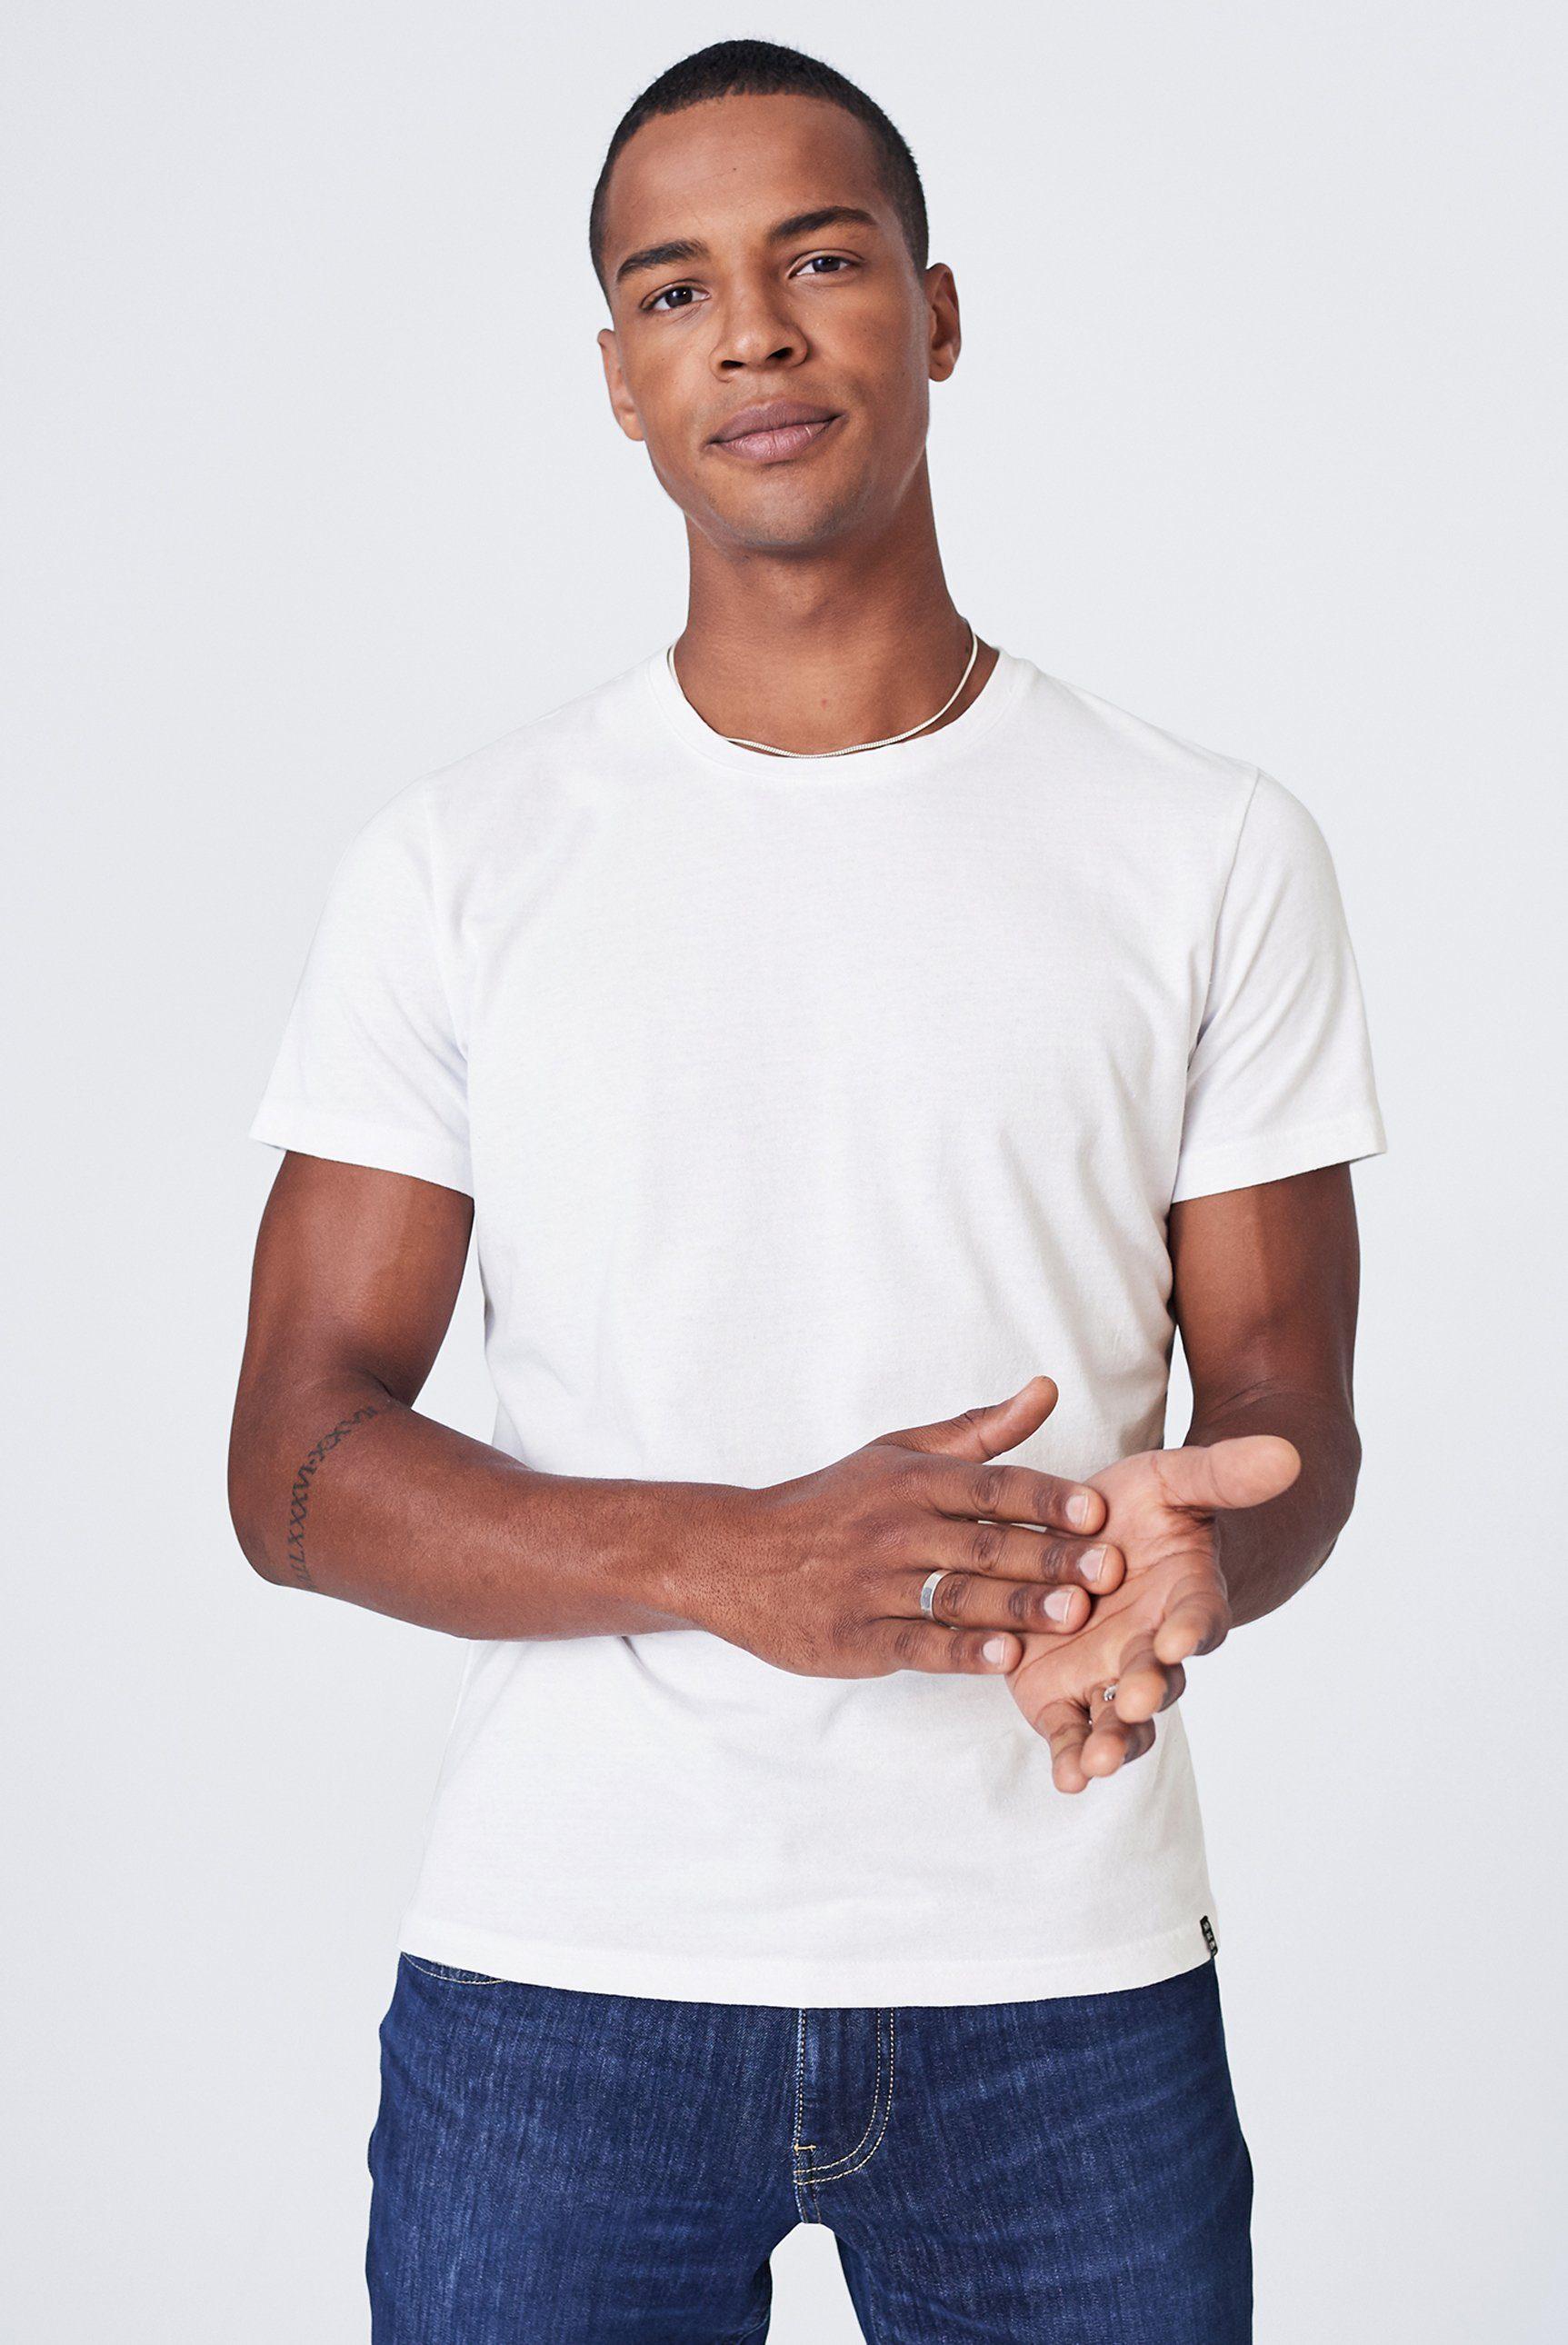 Herren Harlem Soul T-Shirt mit Label Patch grau, schwarz, weiß | 04061519027274